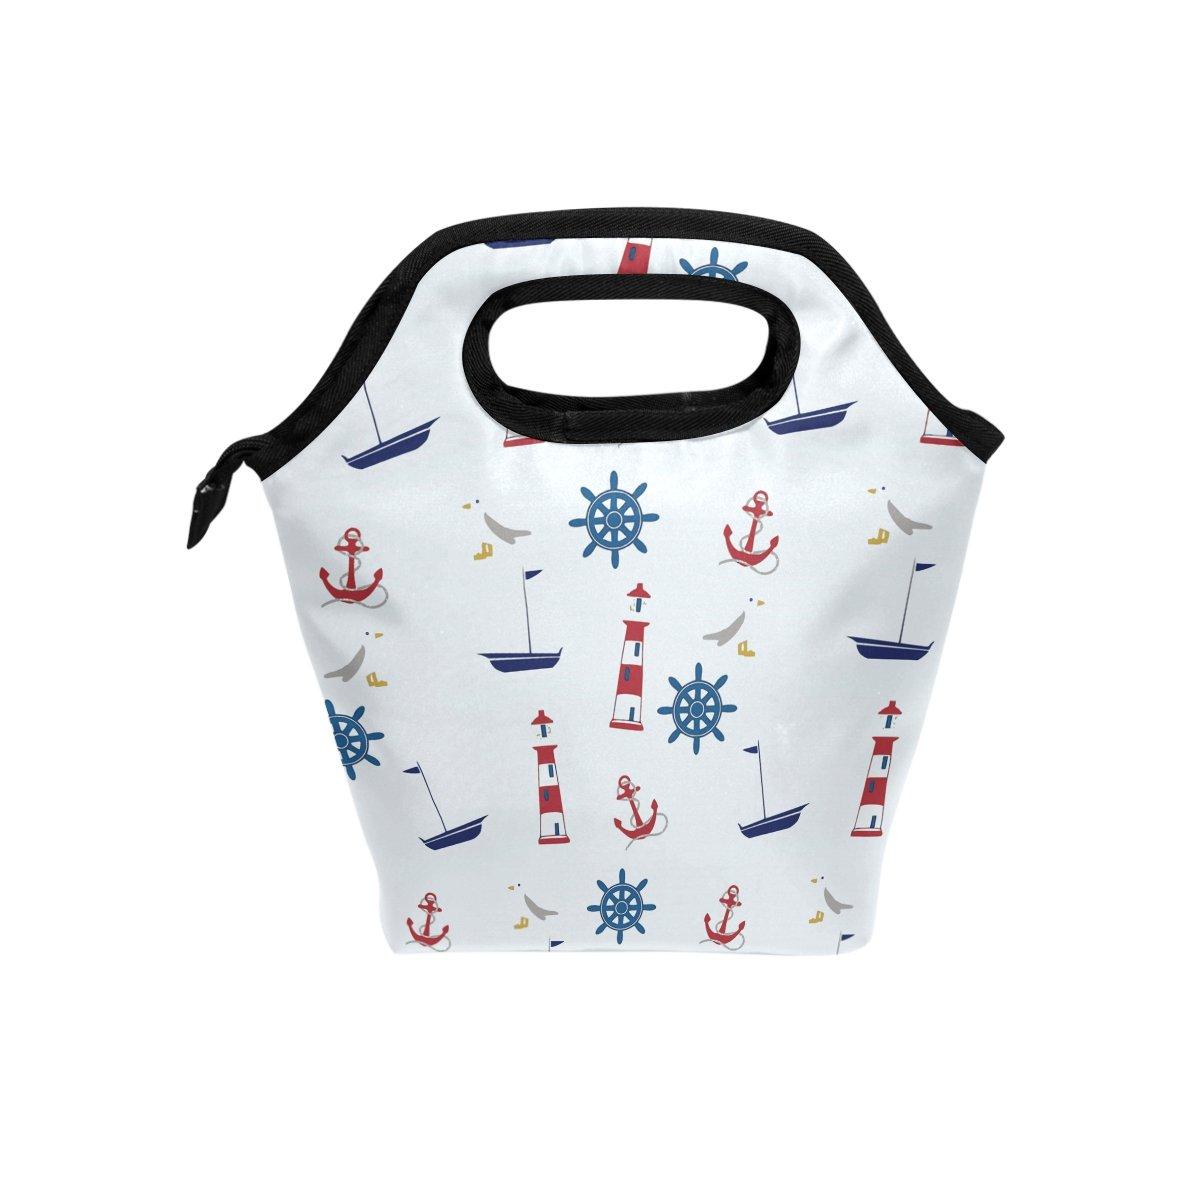 tizorax Maritim Anker Leuchtturm Isolierte Lunch-Tasche Outdoor Reise Picknick Tragetasche Lunch Handtaschen Tote f/ür Damen Herren Kinder